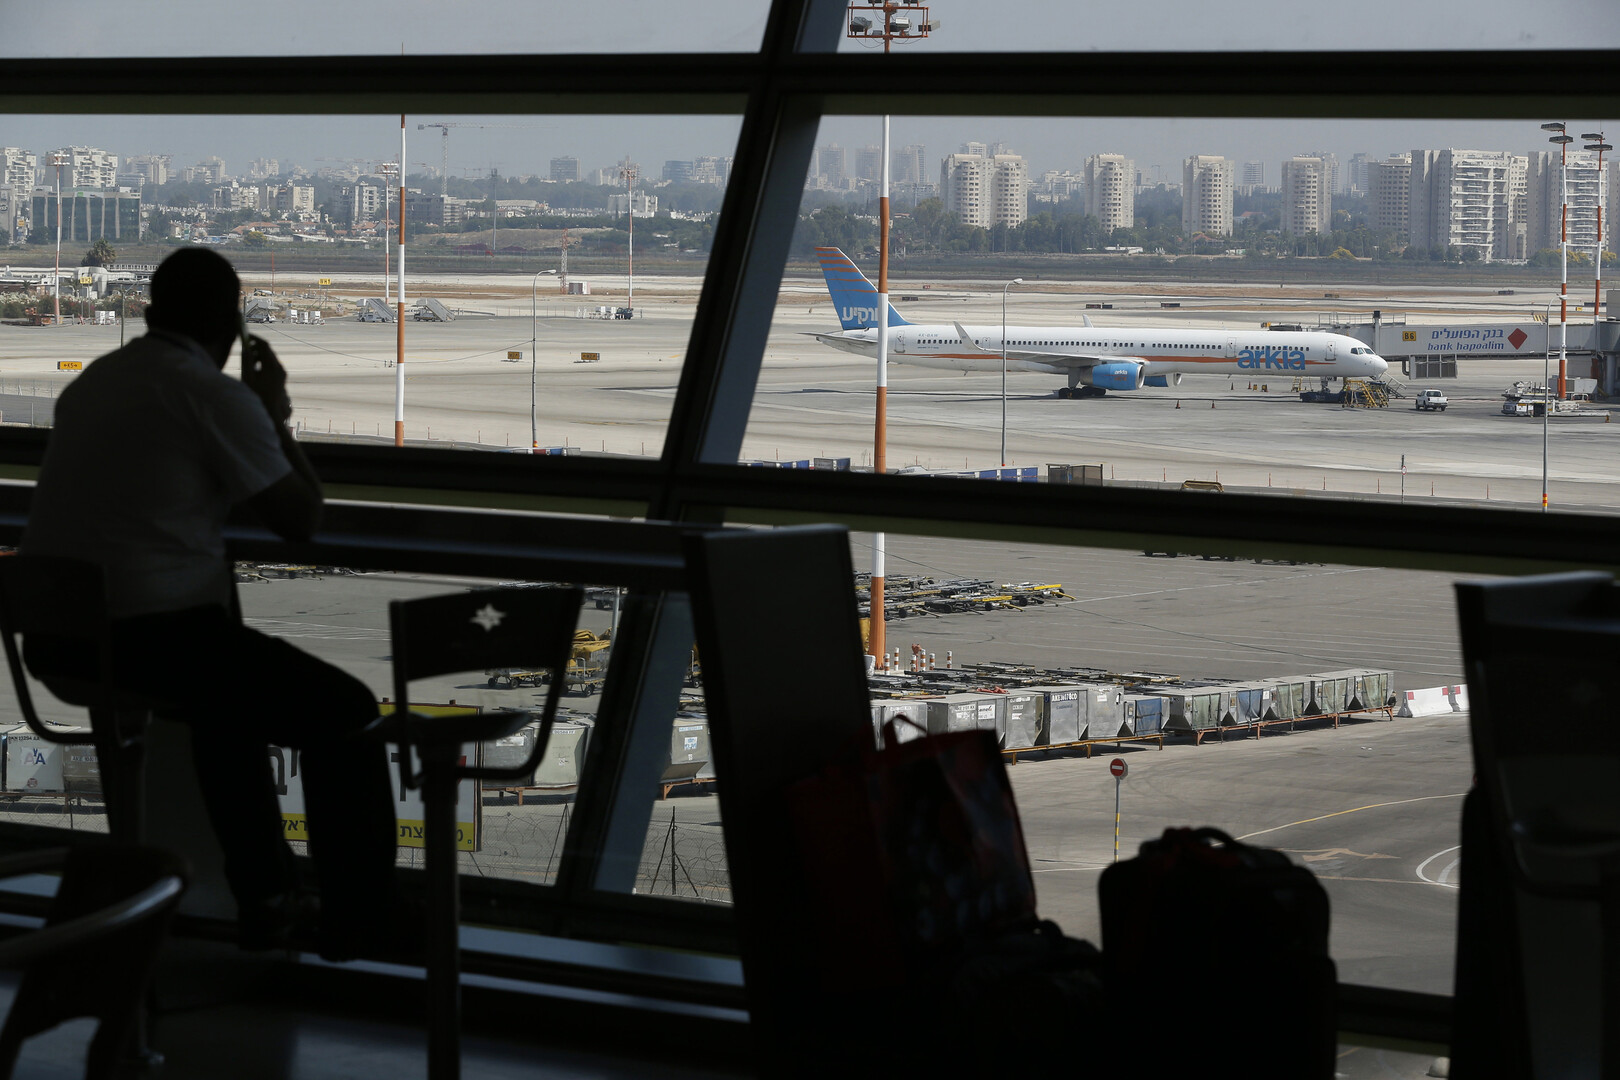 وسائل إعلام عبرية: إسرائيل ترحّل مهاجرين أفارقة إلى مصر